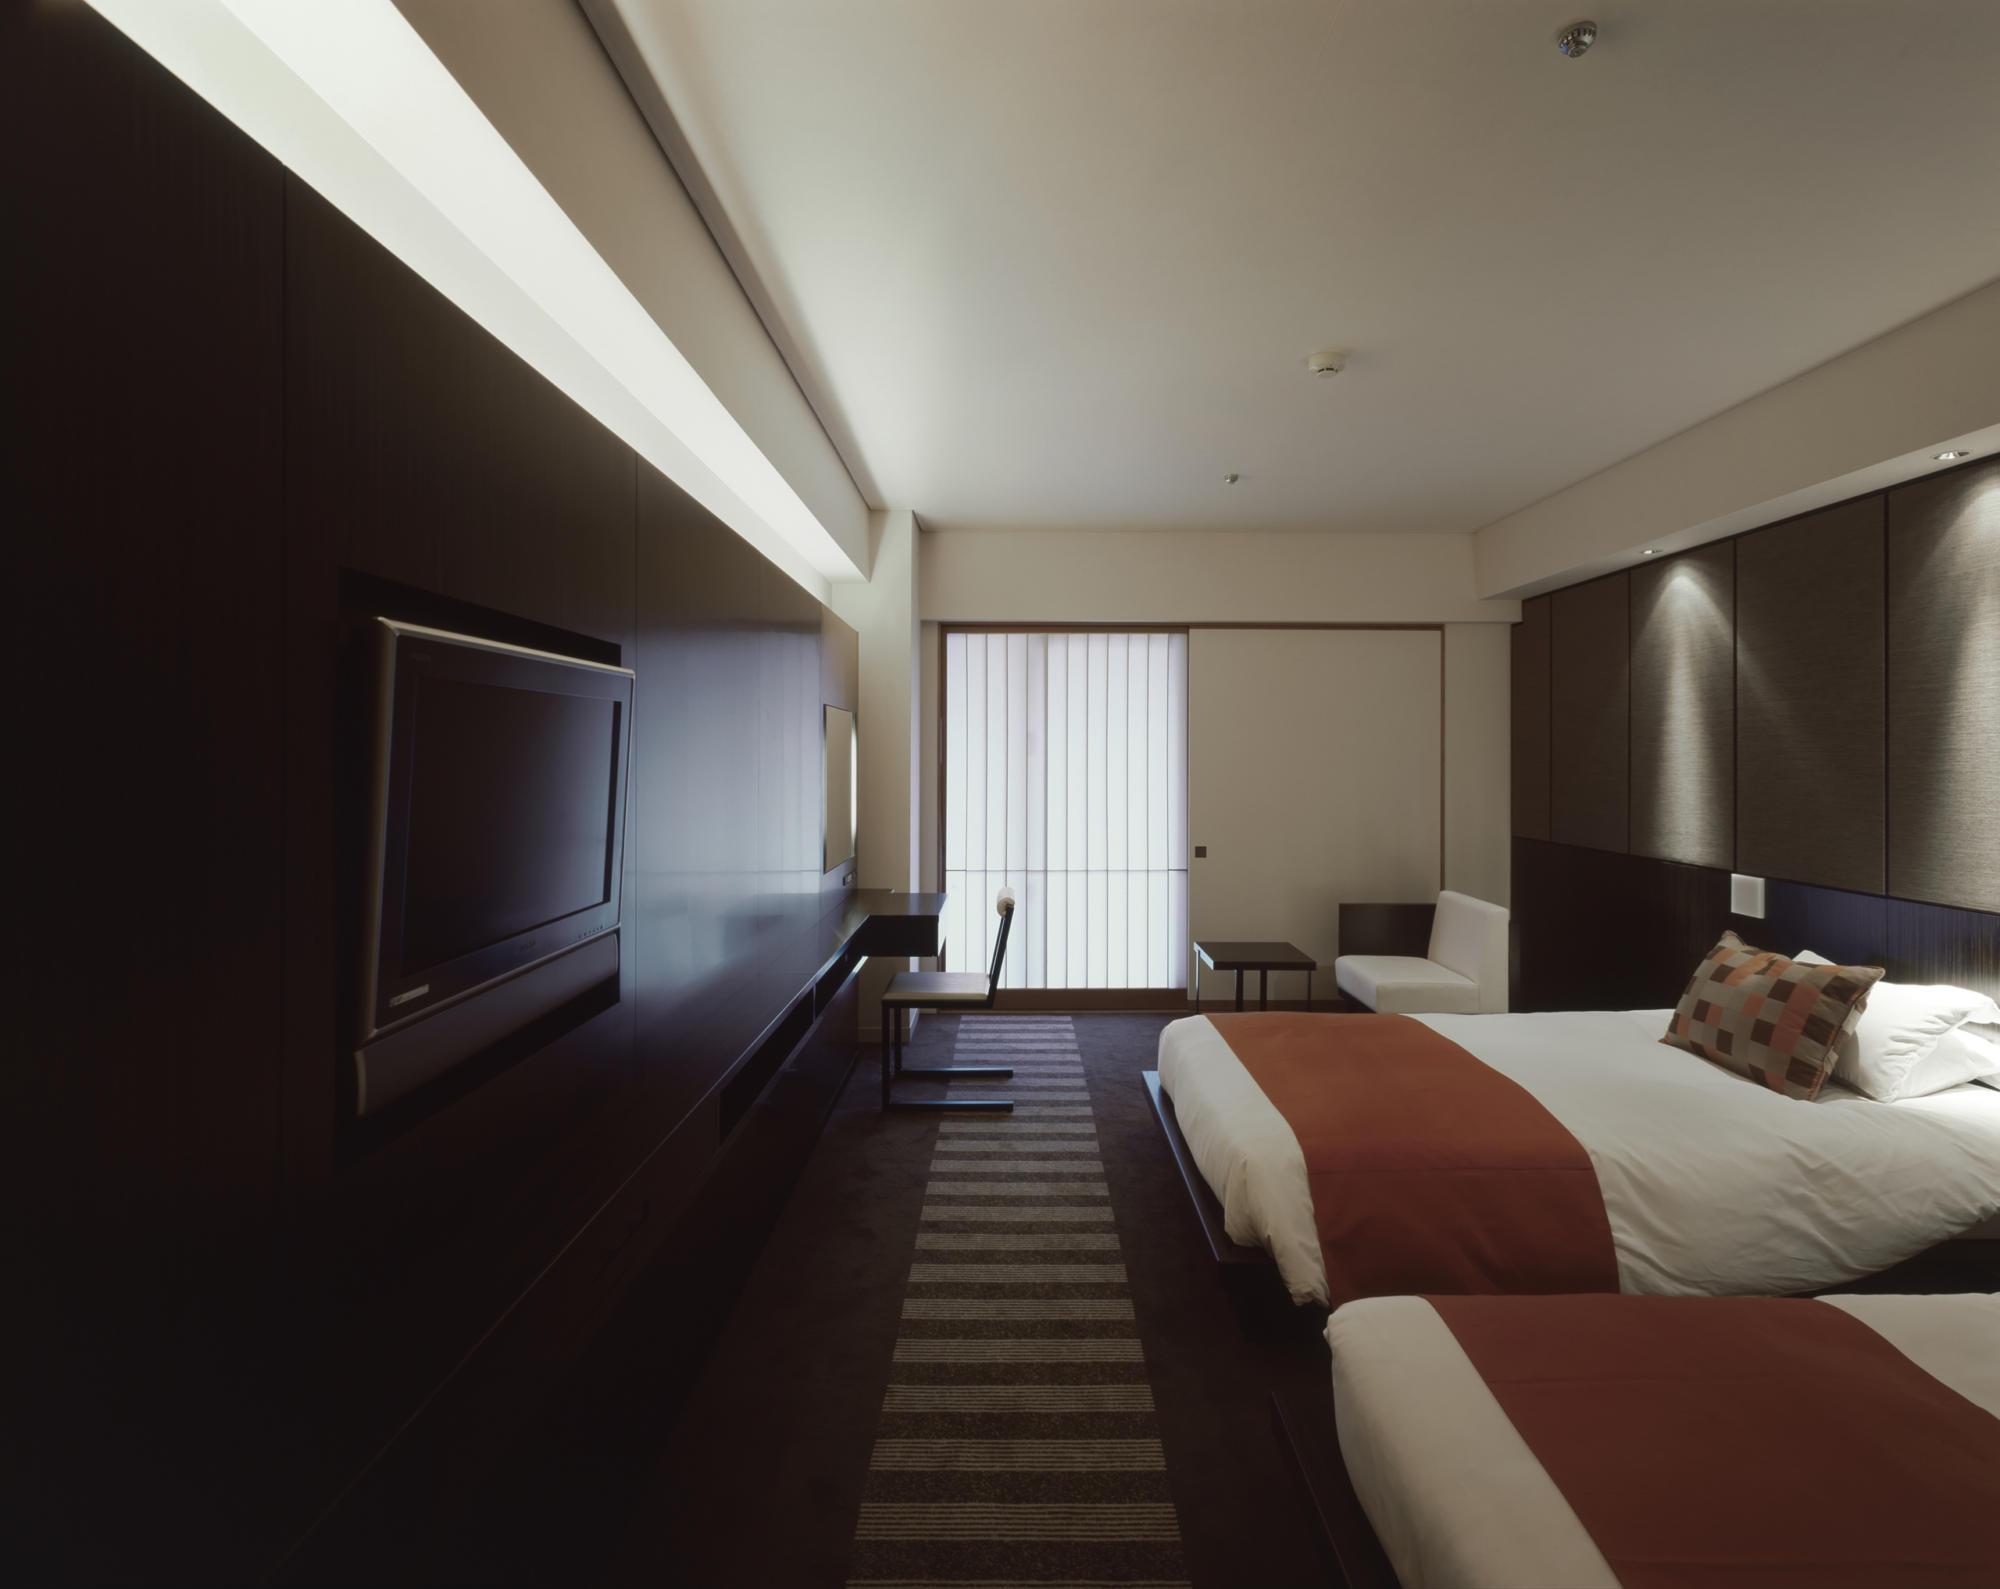 京都東急ホテル7階・8階改装 | WORKS |